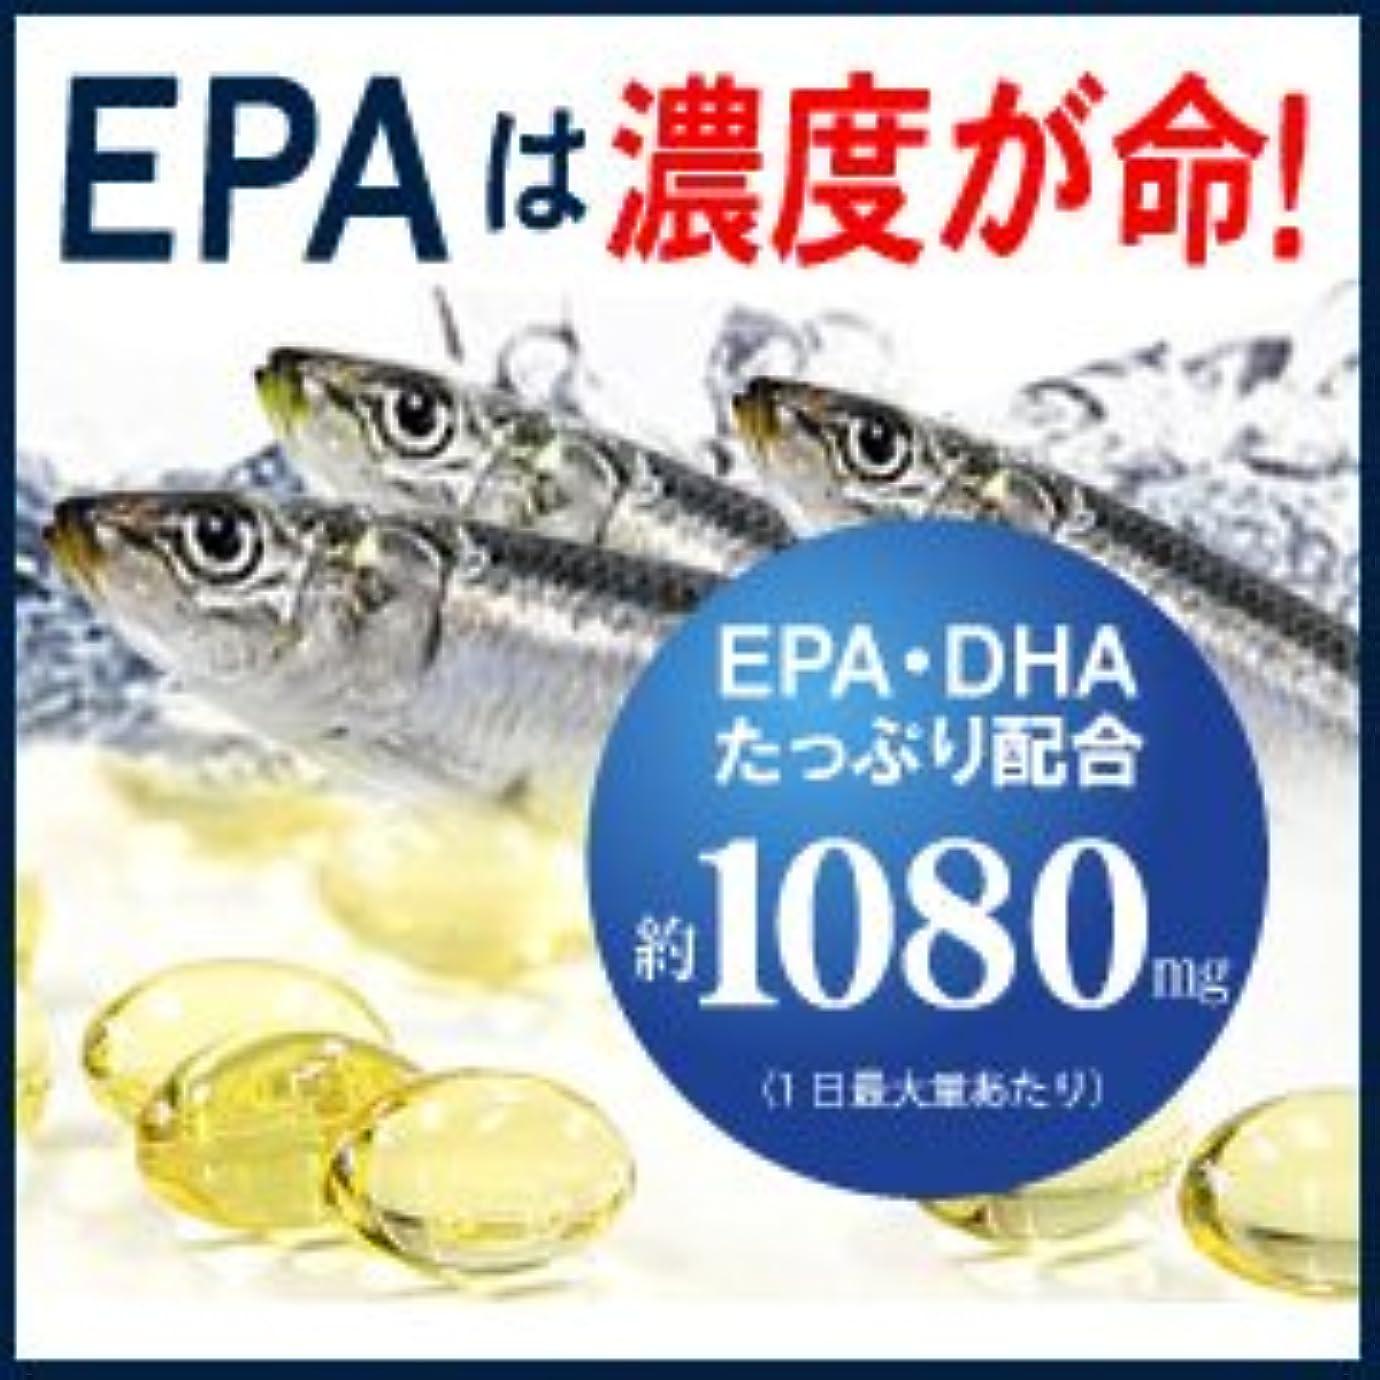 歪める致死その後高濃度EPAサプリの決定版 アレルリボーテ 180錠 オメガ3系不飽和脂肪酸 EPA/DHA高含有